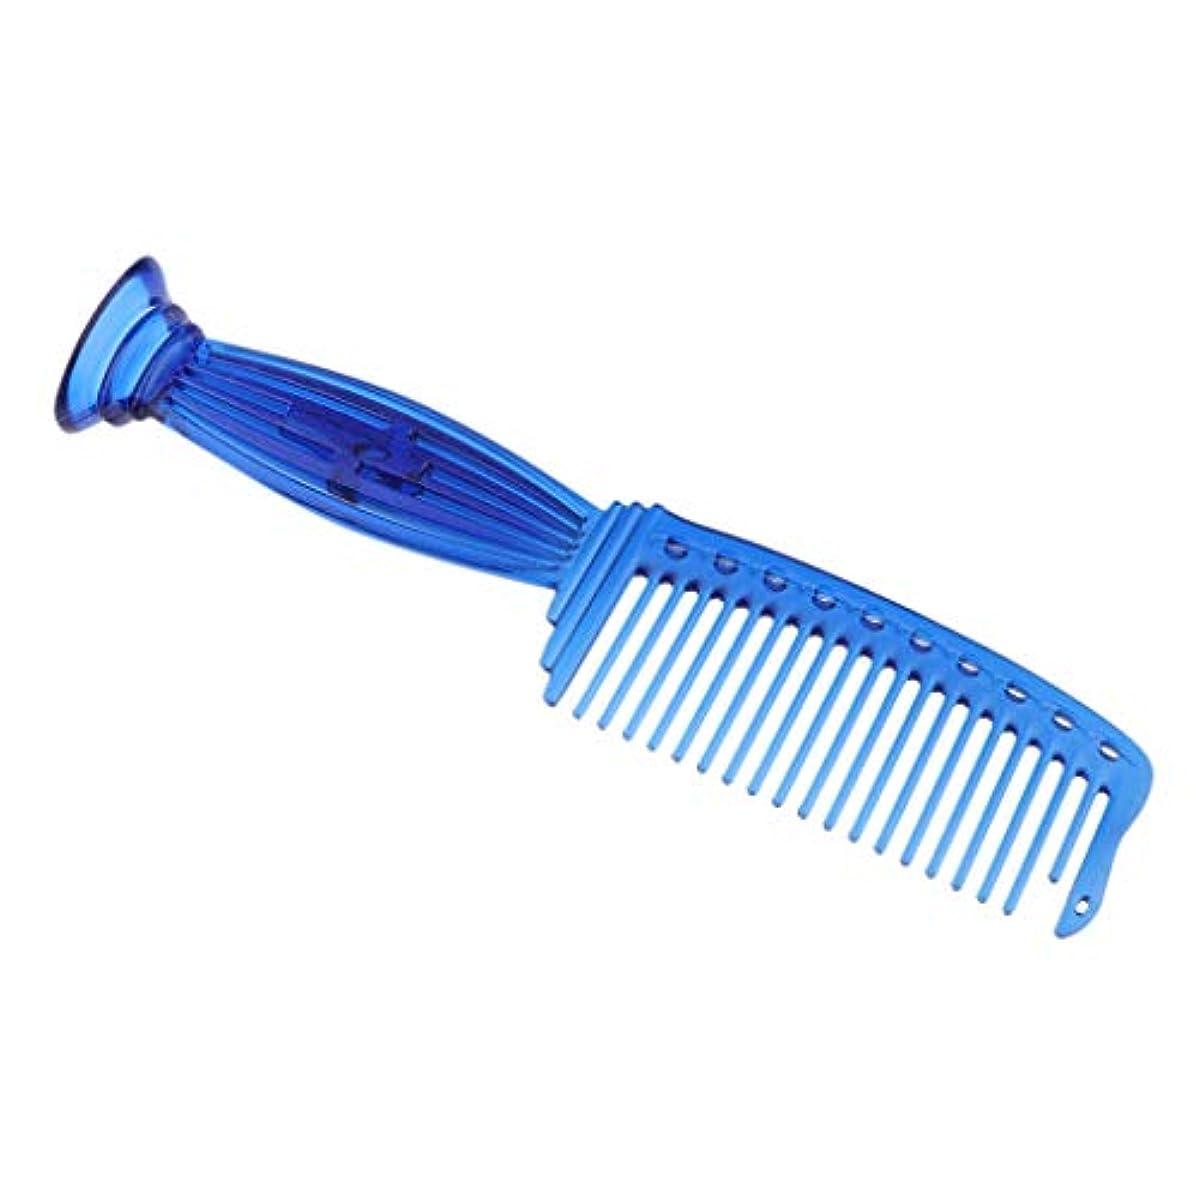 落胆したトレイル構造的ヘアコーム ヘアブラシ プロ ヘアサロン 理髪師 ワイド歯 プラスチック 5色選べ - 青